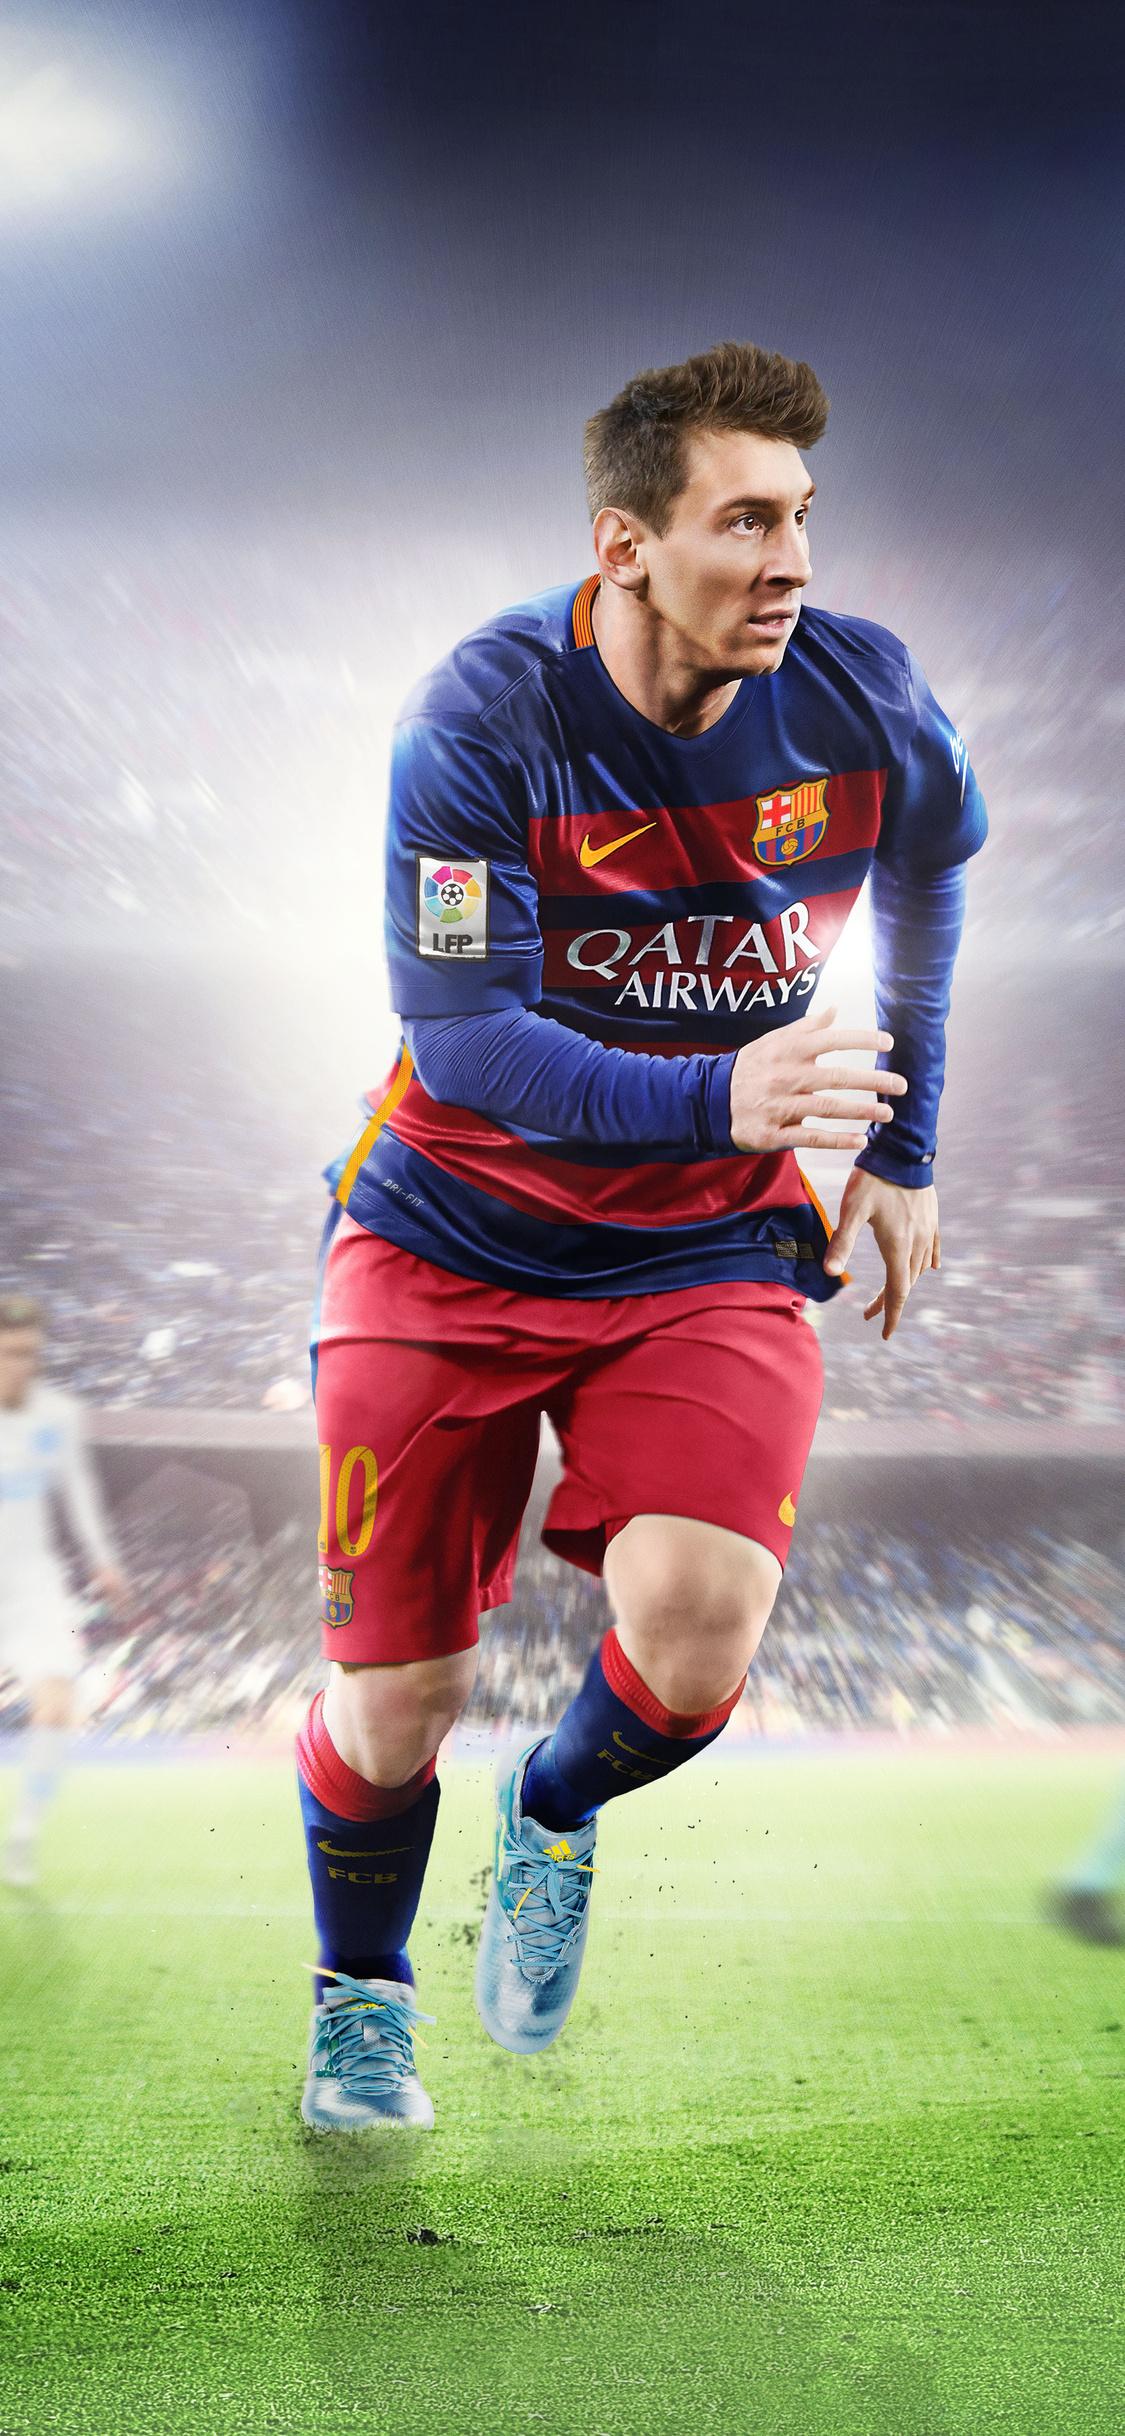 1125x2436 Messi Fifa 8k Iphone Xs Iphone 10 Iphone X Hd 4k